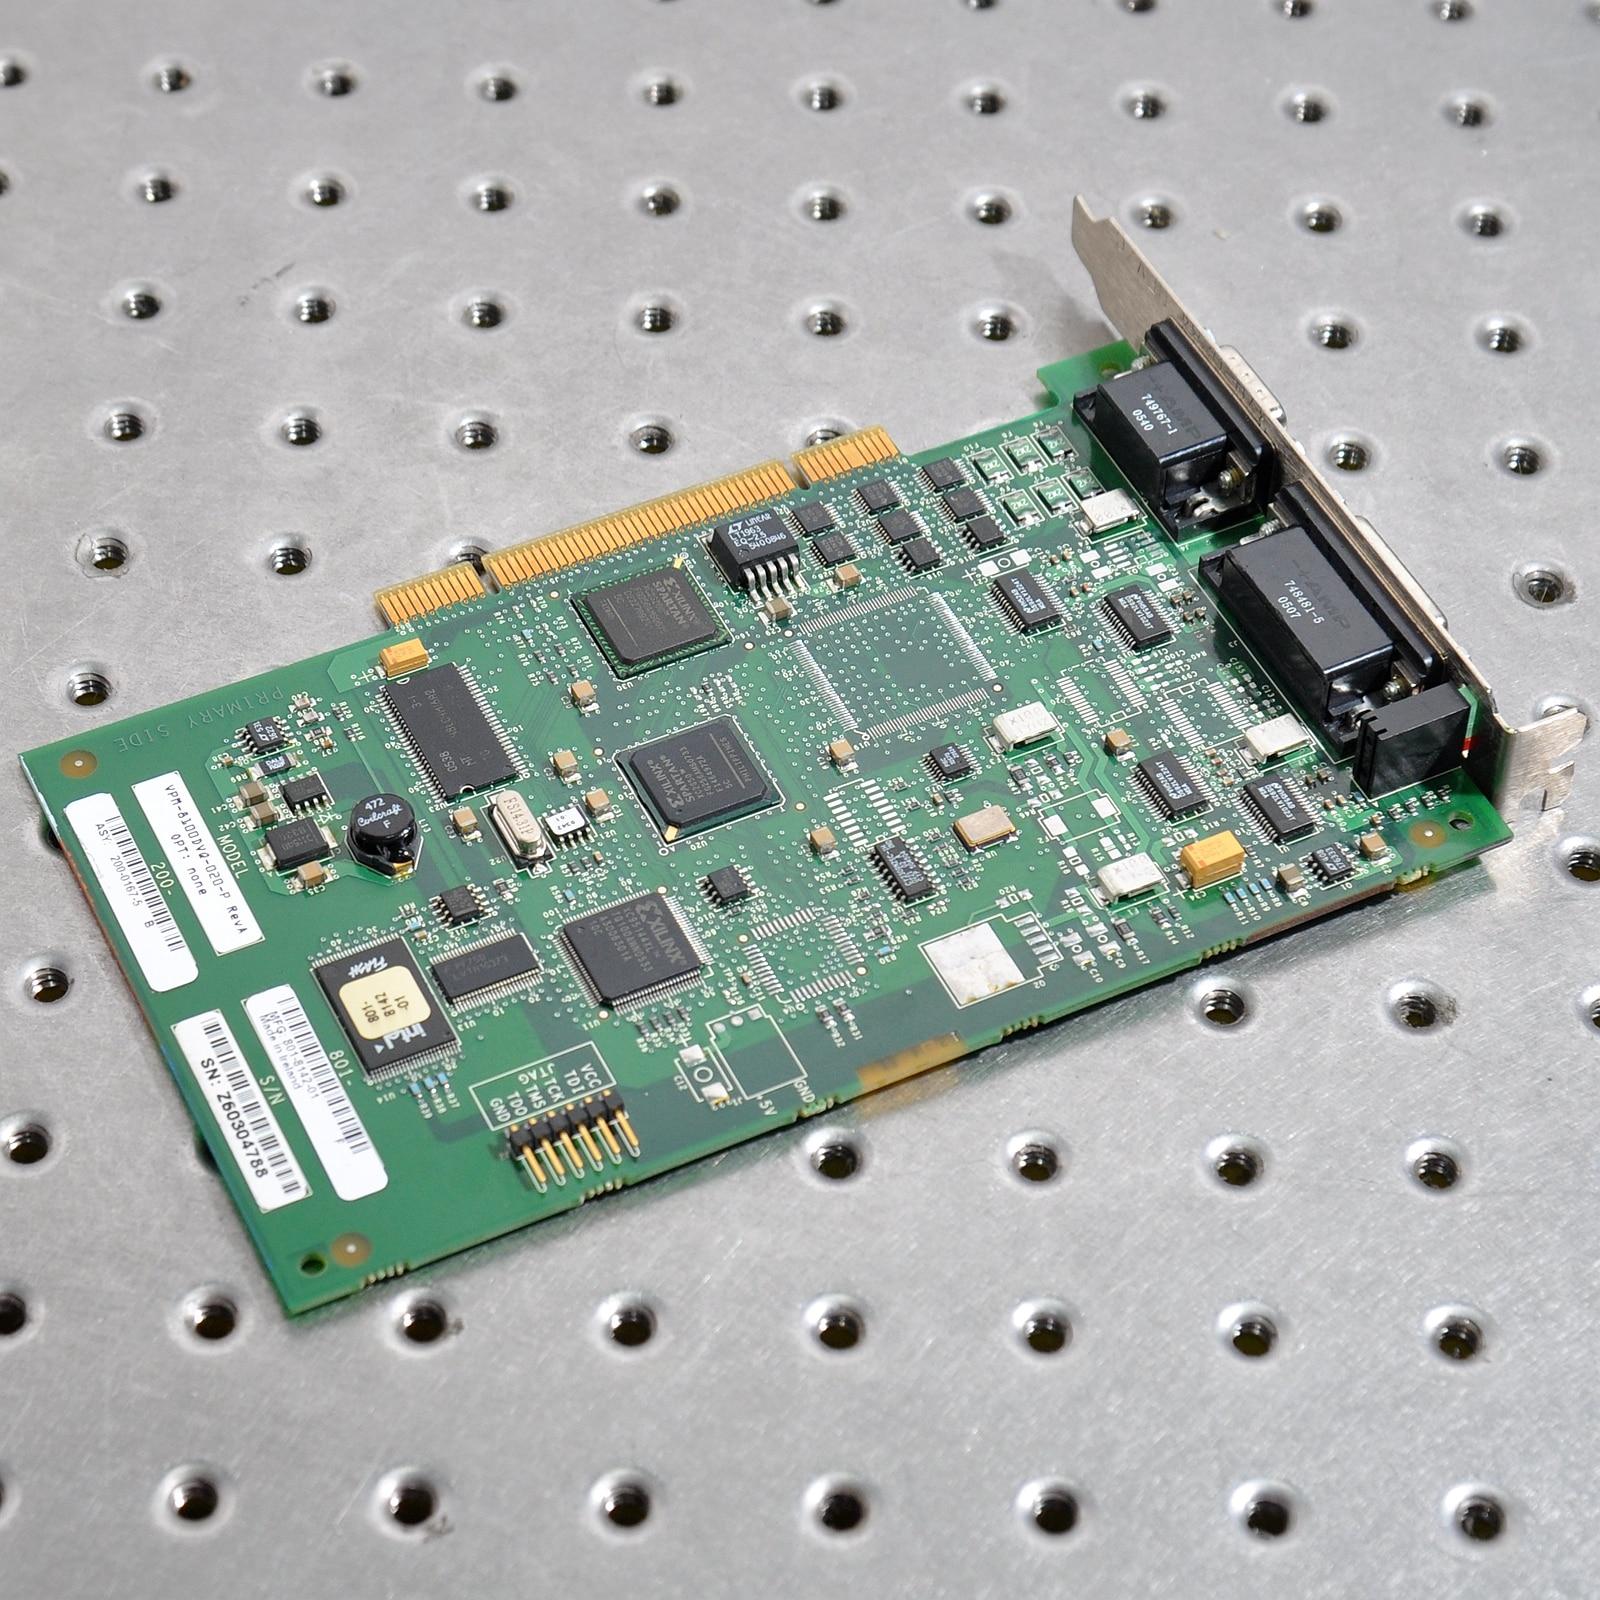 VPM-8100DVQ-020-P REVA Acquisition card enlarge